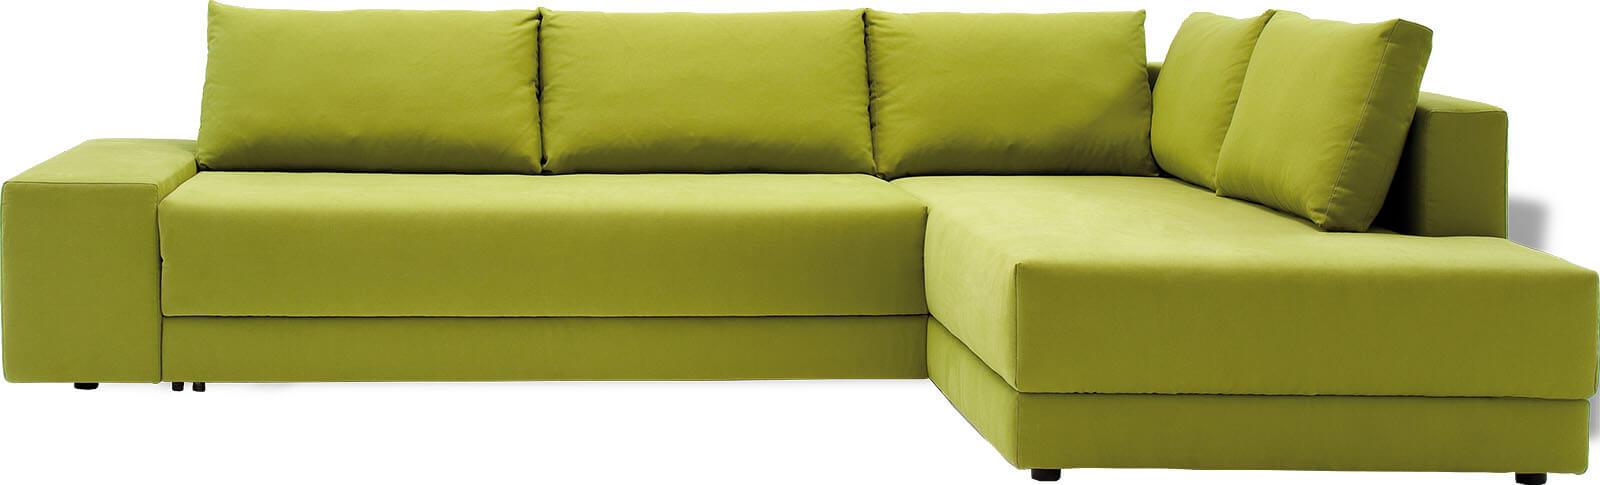 corner suite confetto by franz fertig. Black Bedroom Furniture Sets. Home Design Ideas